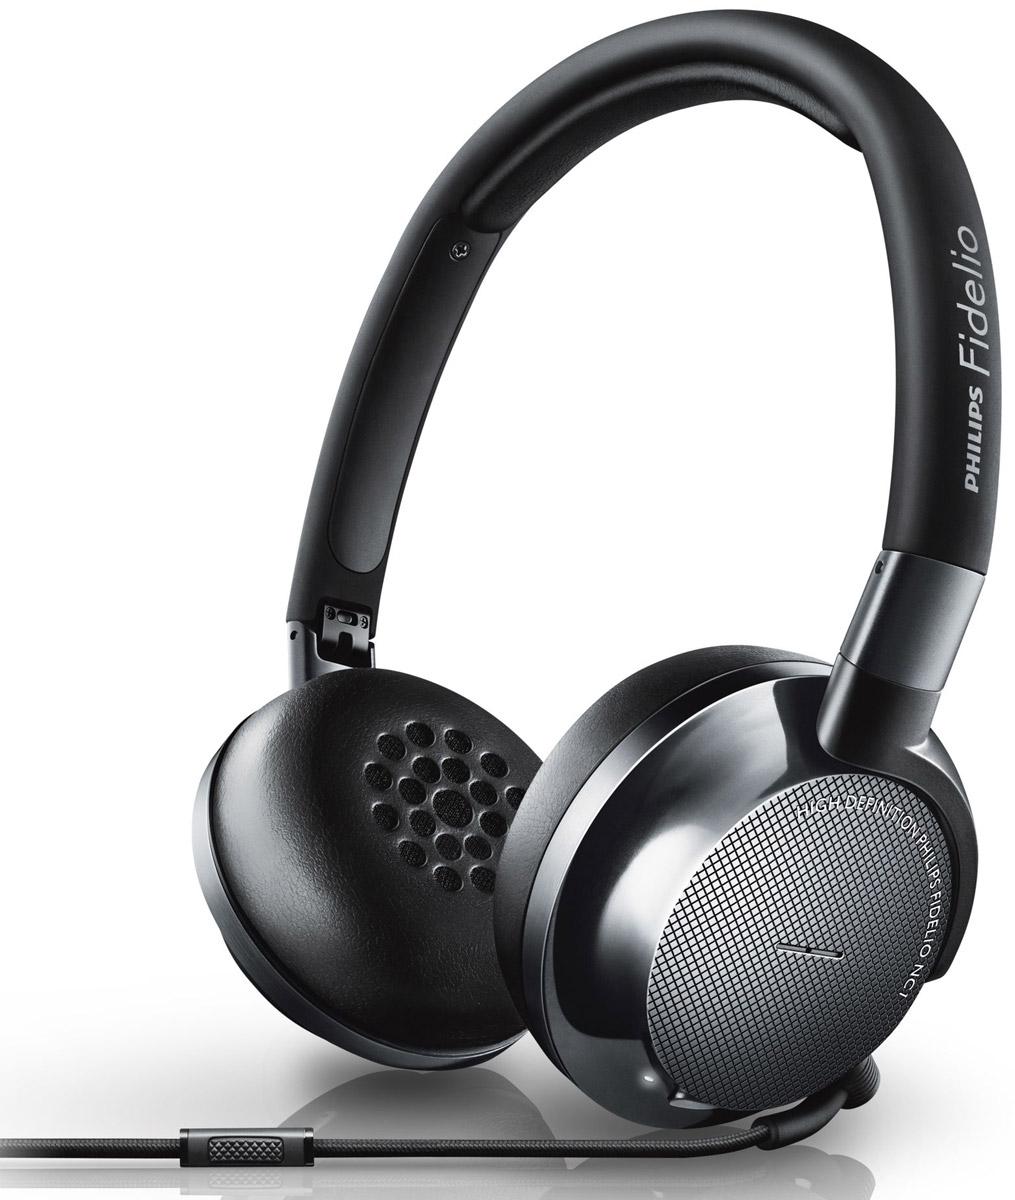 Philips NC1/00 наушникиNC1/00Откройте для себя технологию максимального шумоподавления с моделью Philips Fidelio NC1. Слушайте только звук высокой четкости, а шум останется в стороне. Компактная складная конструкция и ощущение комфорта при длительном прослушивании делают эти наушники идеальным спутником как в долгом пути, так и в поездках на работу.Звук высокого разрешения обеспечивает максимально качественное воспроизведение музыки:Звук высокого разрешения обеспечивает превосходное качество воспроизведения, которое гораздо ближе к студийному, чем форматы CD 16 бит/44,1 кГц. Благодаря такому безупречному качеству звук высокого разрешения не оставит равнодушным ни одного меломана. Наушники Fidelio соответствуют строжайшим стандартам качества и сертифицированы для воспроизведения звука высокого разрешения. Независимо от источника звука, будь то коллекция высококачественных музыкальных треков или более традиционные музыкальные композиции, наушники Fidelio обеспечивают безупречное звучание с расширенным диапазоном высоких частот, что позволяет открыть для себя новые грани музыки.Комбинированная технология для превосходного шумоподавления:В наушниках Fidelio NC-1 используется технология активного шумоподавления (ANC) прямой и обратной связи: внутри и снаружи чашек наушников расположены 4 микрофона для улавливания шума и дальнейшей обработки. Шумоподавление прямой связи (микрофон расположен снаружи чашки) работает для более широкого диапазона частот, в то время как шумоподавление обратной связи (микрофон расположен внутри чашки) отвечает за повышенную шумоизоляцию. Данная комбинация гарантирует шумоподавление для широкого диапазона частот и более глубокого звучания, чтобы вы могли наслаждаться отличным качеством звука в любой обстановке.Оптимизированные 40-мм излучатели с неодимовыми магнитами для безупречного звука высокой четкости:Каждый излучатель старательно собран вручную, а затем настроен, протестирован и подобран в пару, чтобы наушники обеспечивали сбалансированное